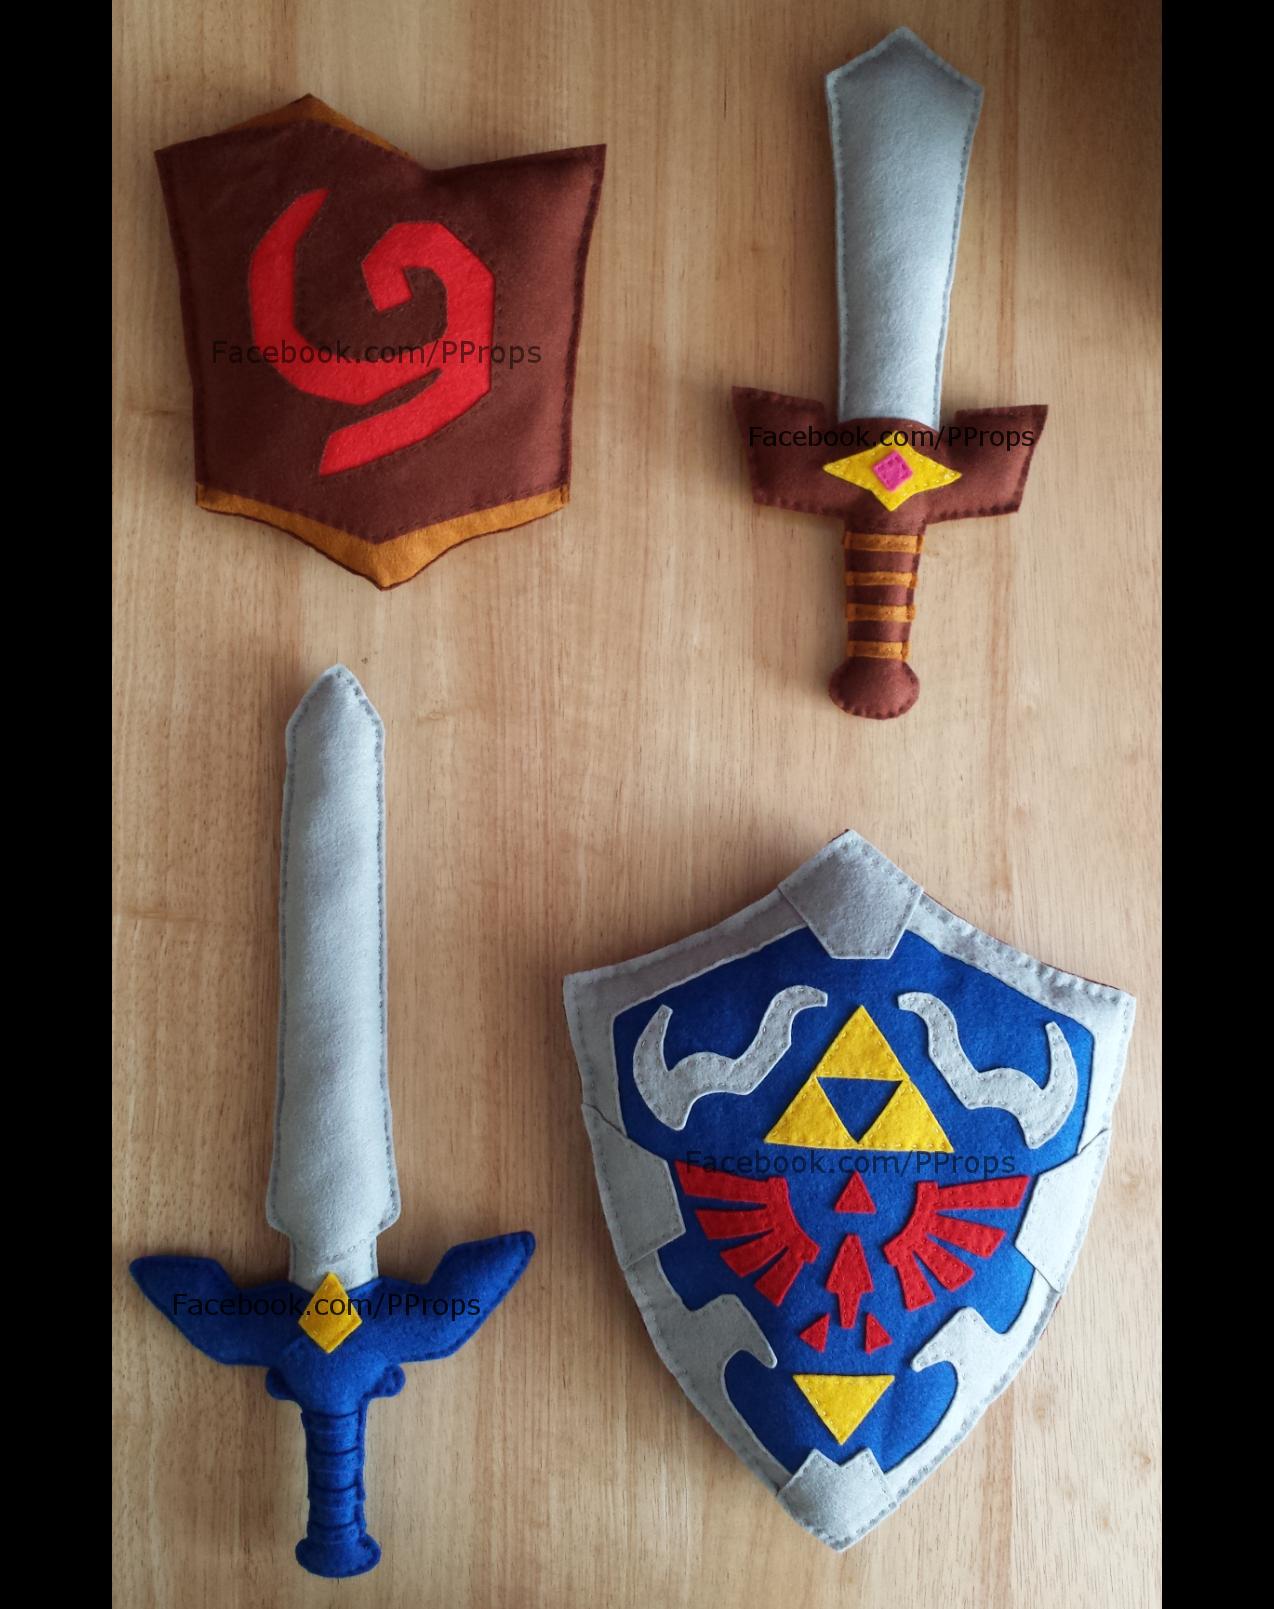 oot deku shield 2 kokiri sword 1 master sword 2 and